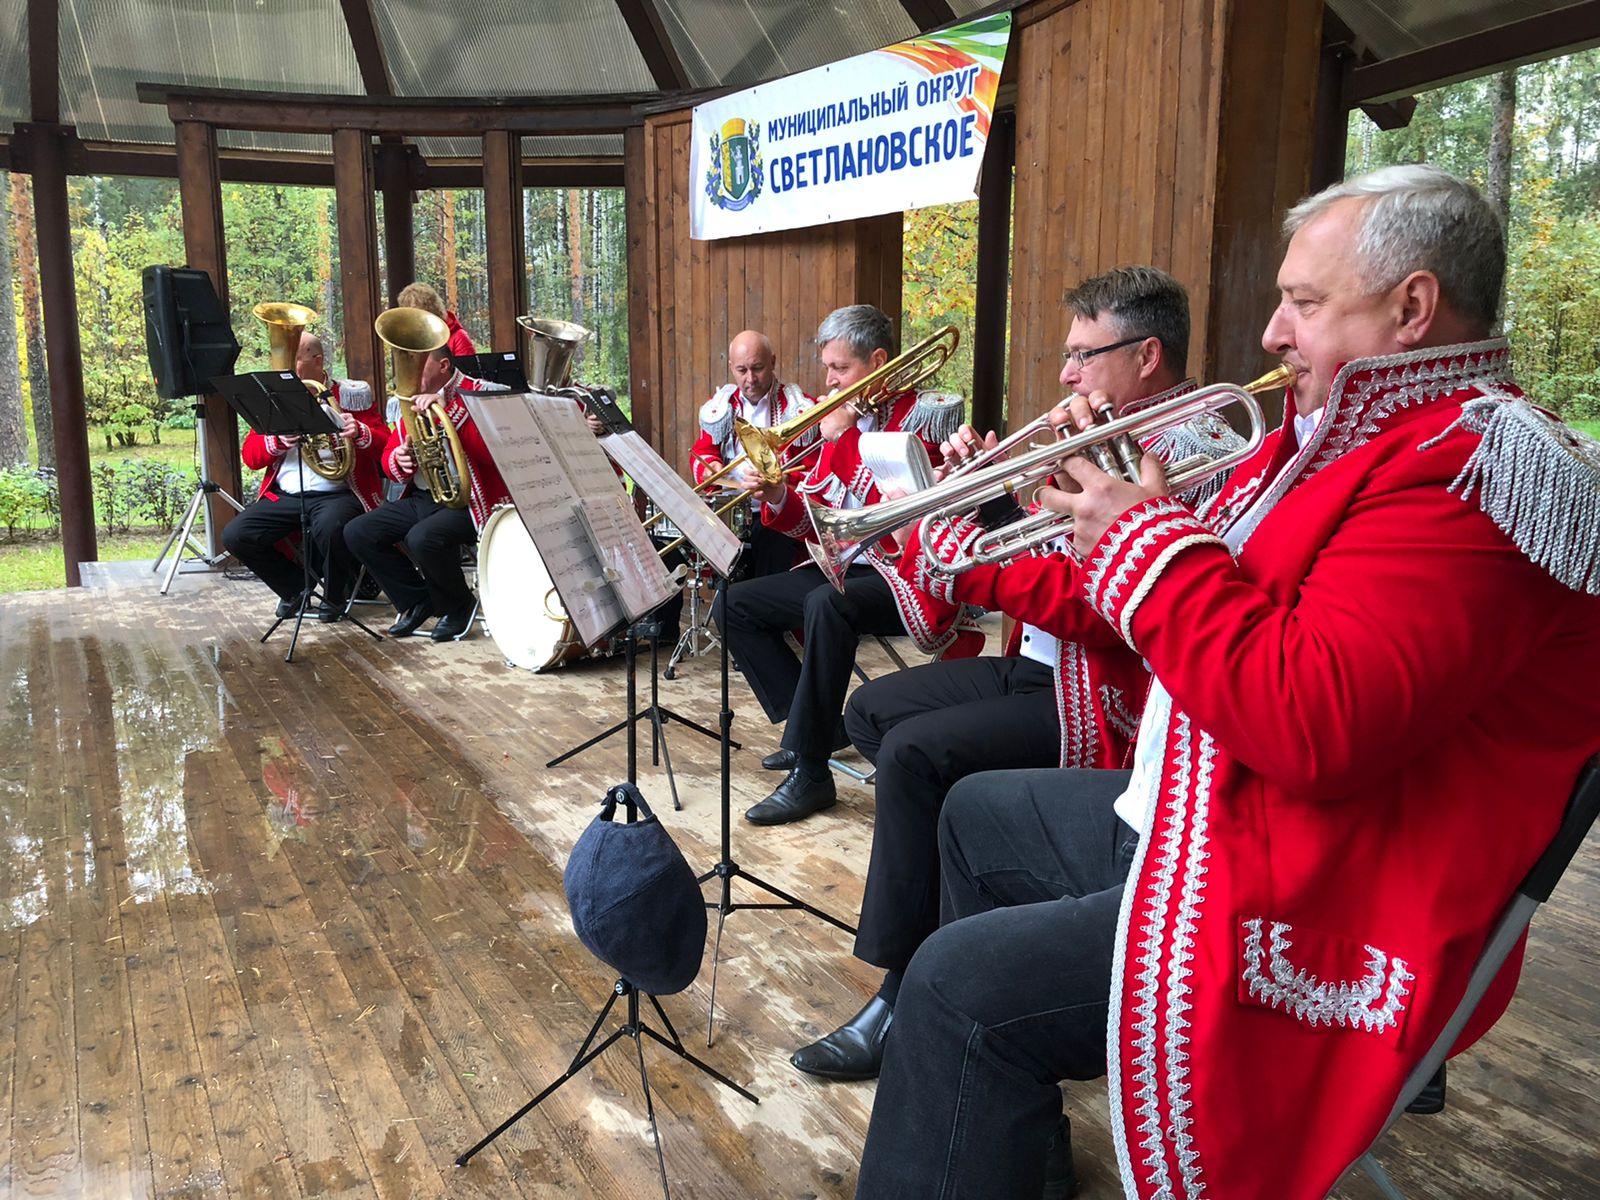 Музыканты духового оркестра играют на сцене в парке Сосновка в красных пиджаках 25.09.2021